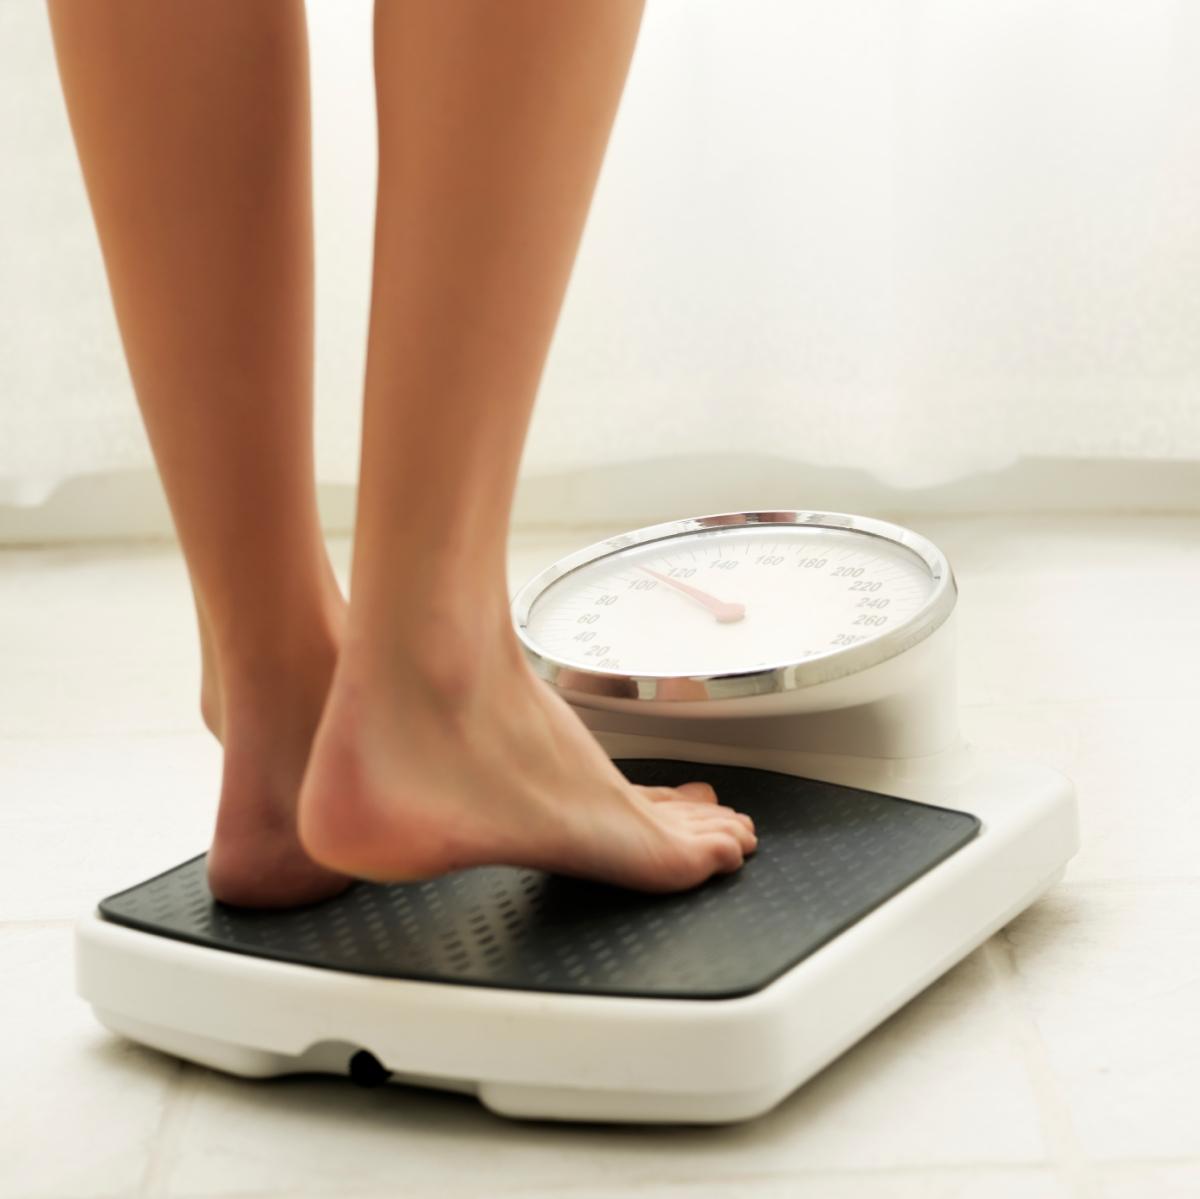 Horario bajar 10 kilos en dos meses y medio estudios han